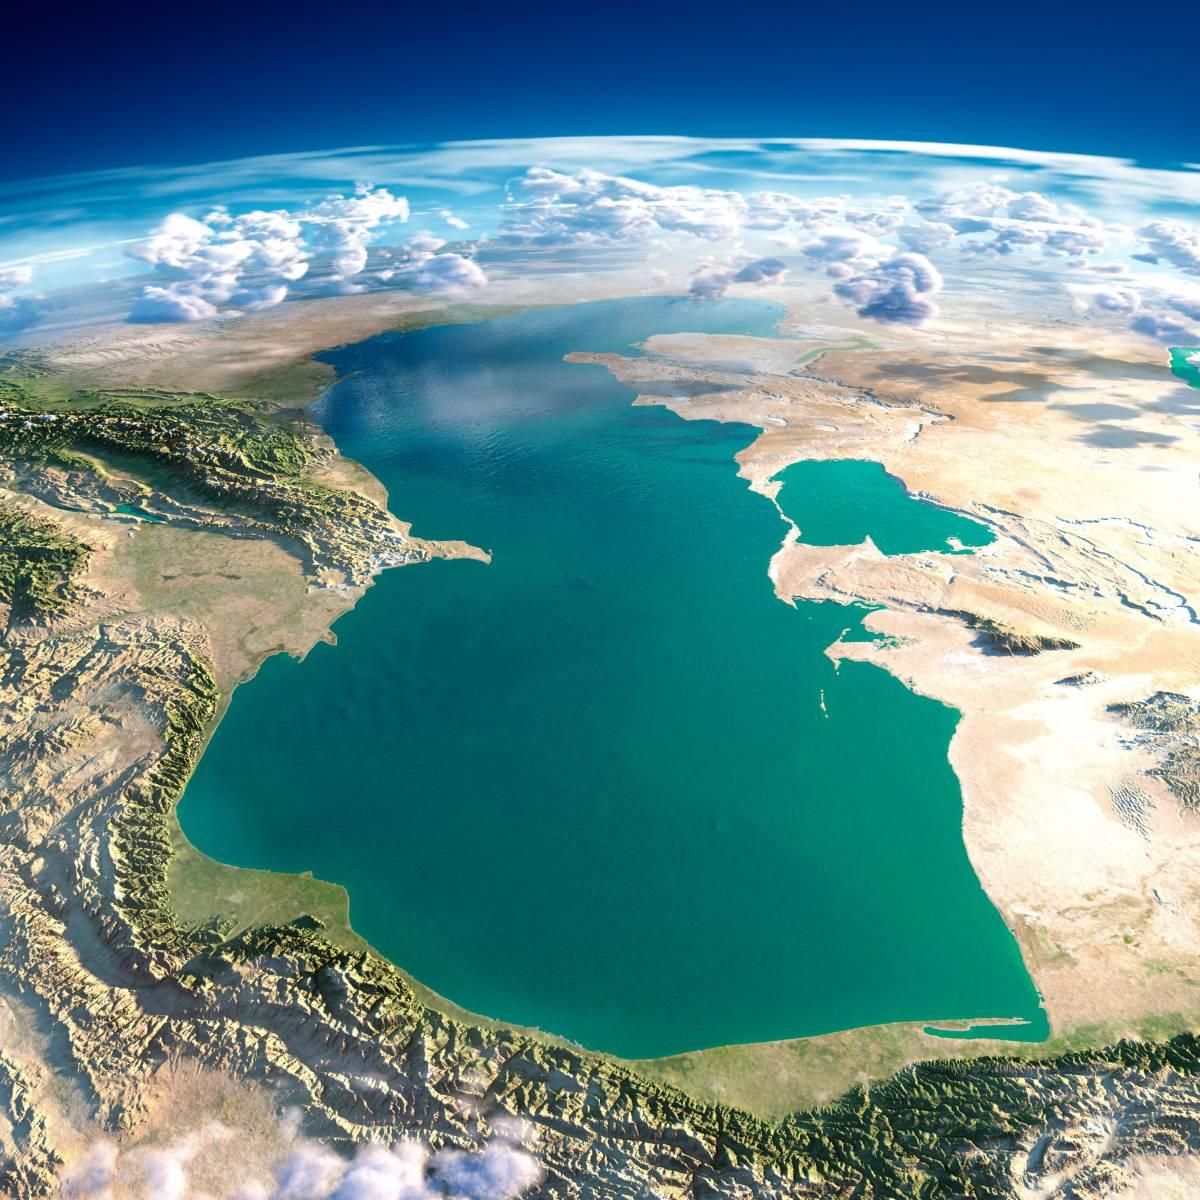 Вид сверху на Каспийское море